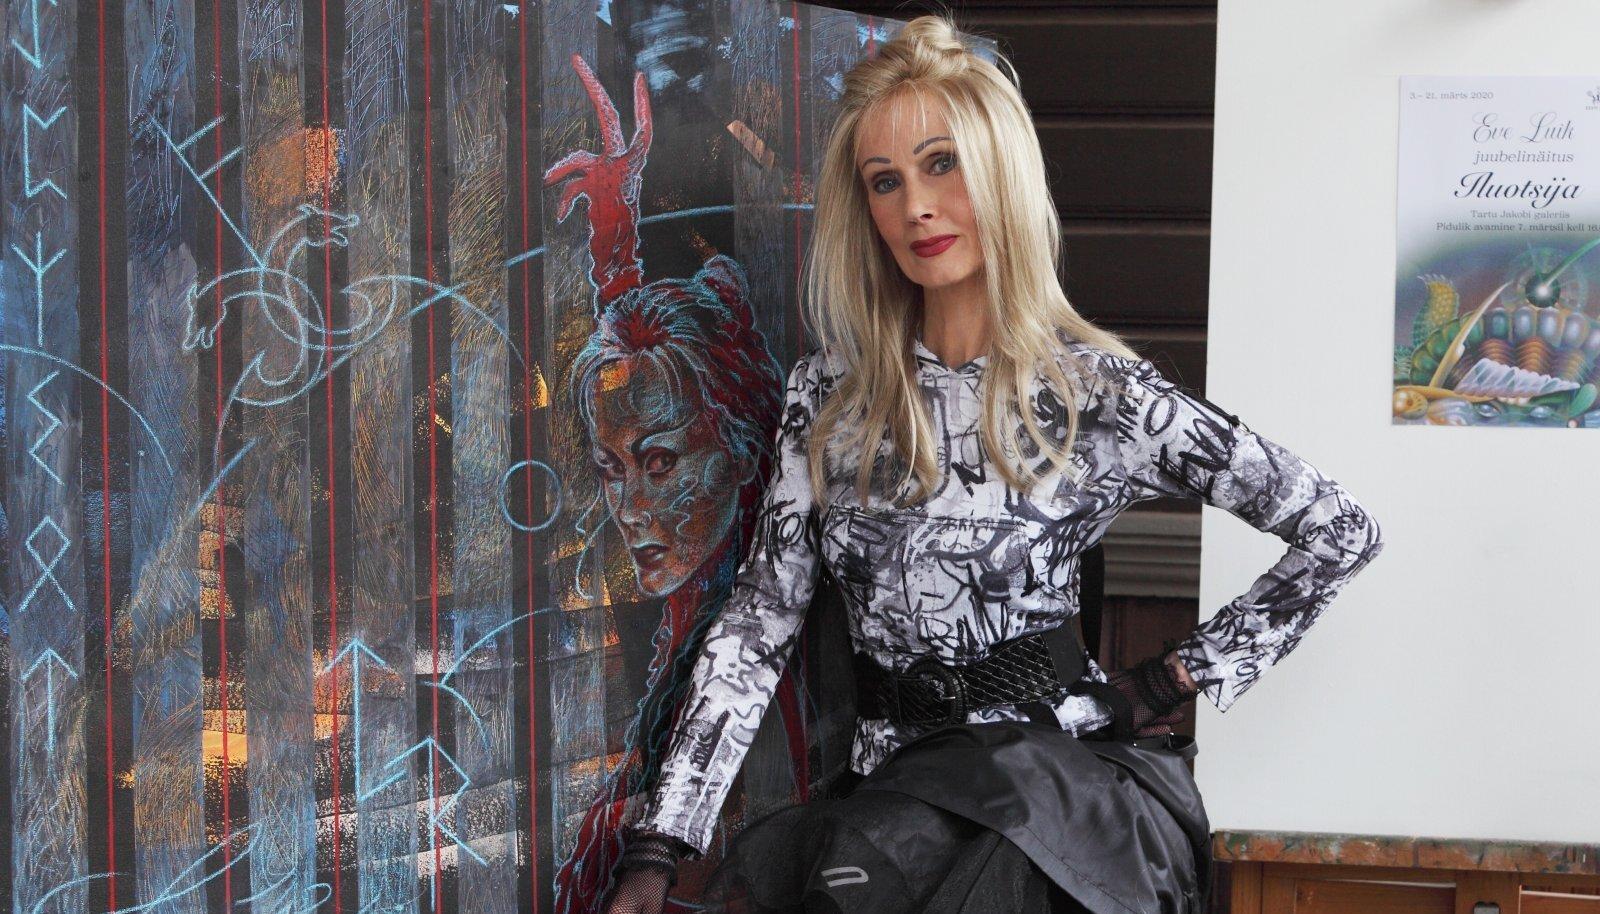 Kunstnik Eve Luik oma juubelinäitusel.